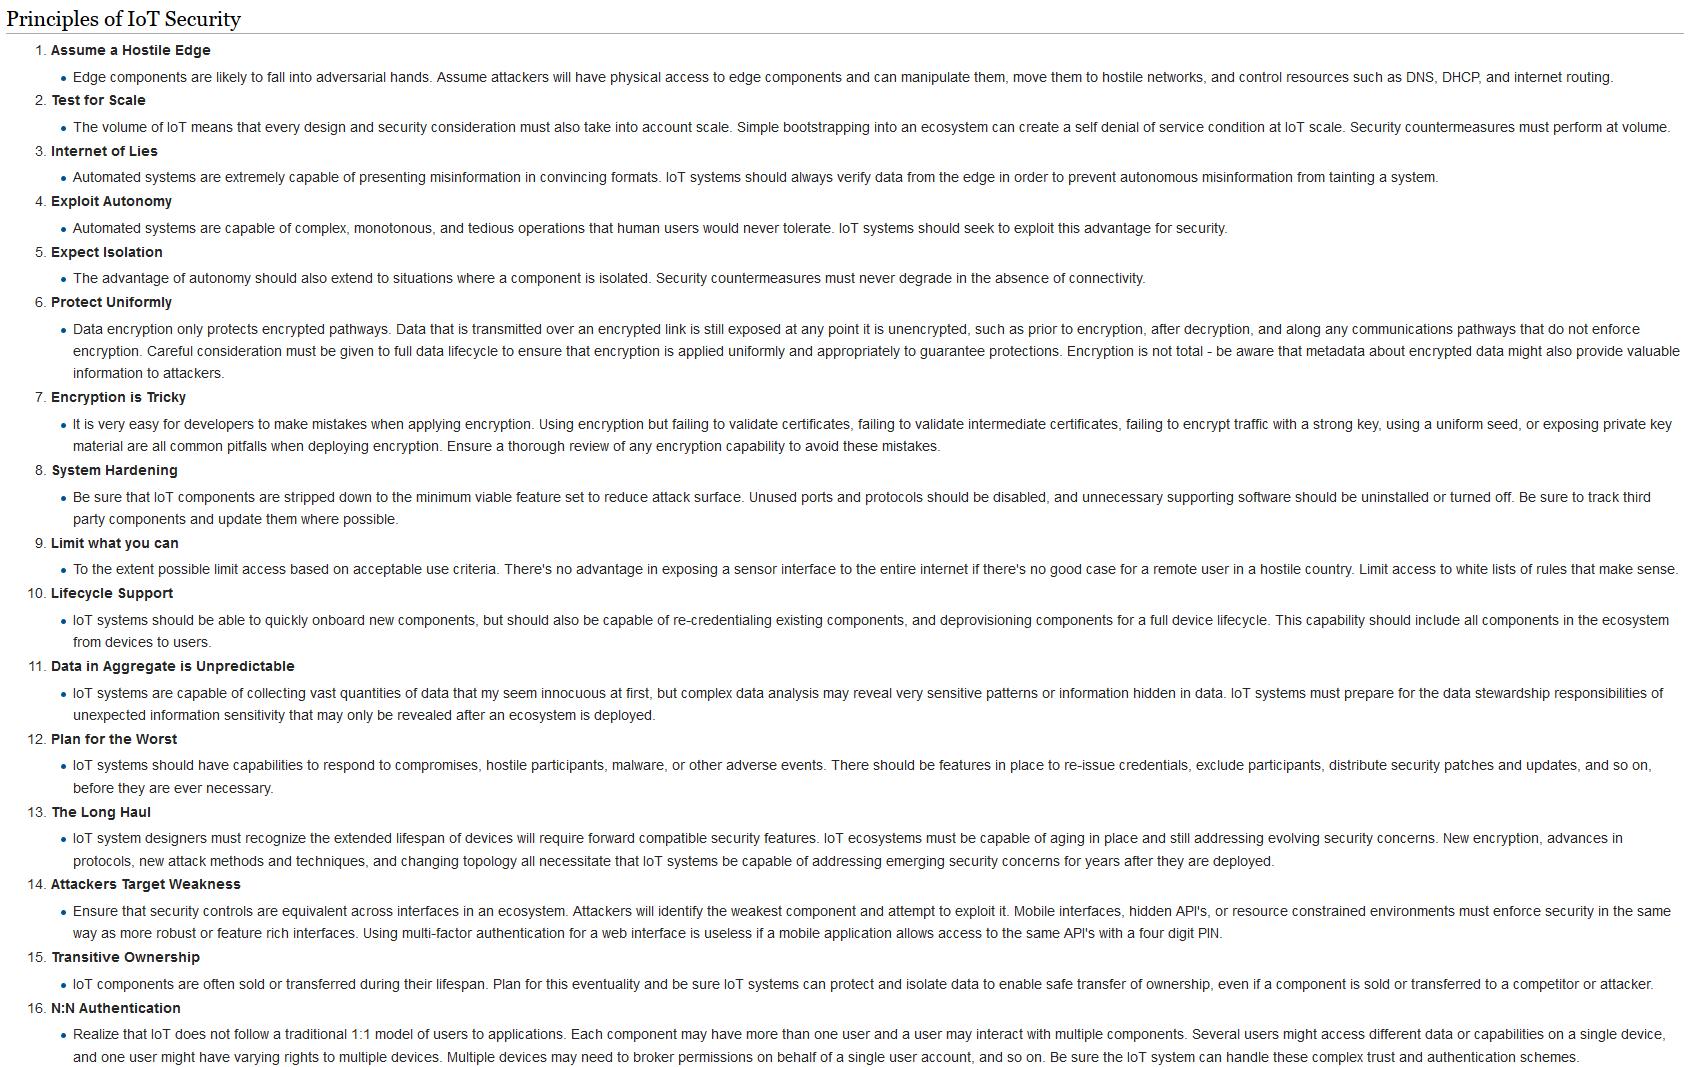 OWASP-Prinzipien der IoT-Sicherheit - Bis auf einige Punkte gehen unsere Testkriterien und -szenarien auf all diese Punkte ein. (https://www.owasp.org/index.php/Principles_of_IoT_Security)